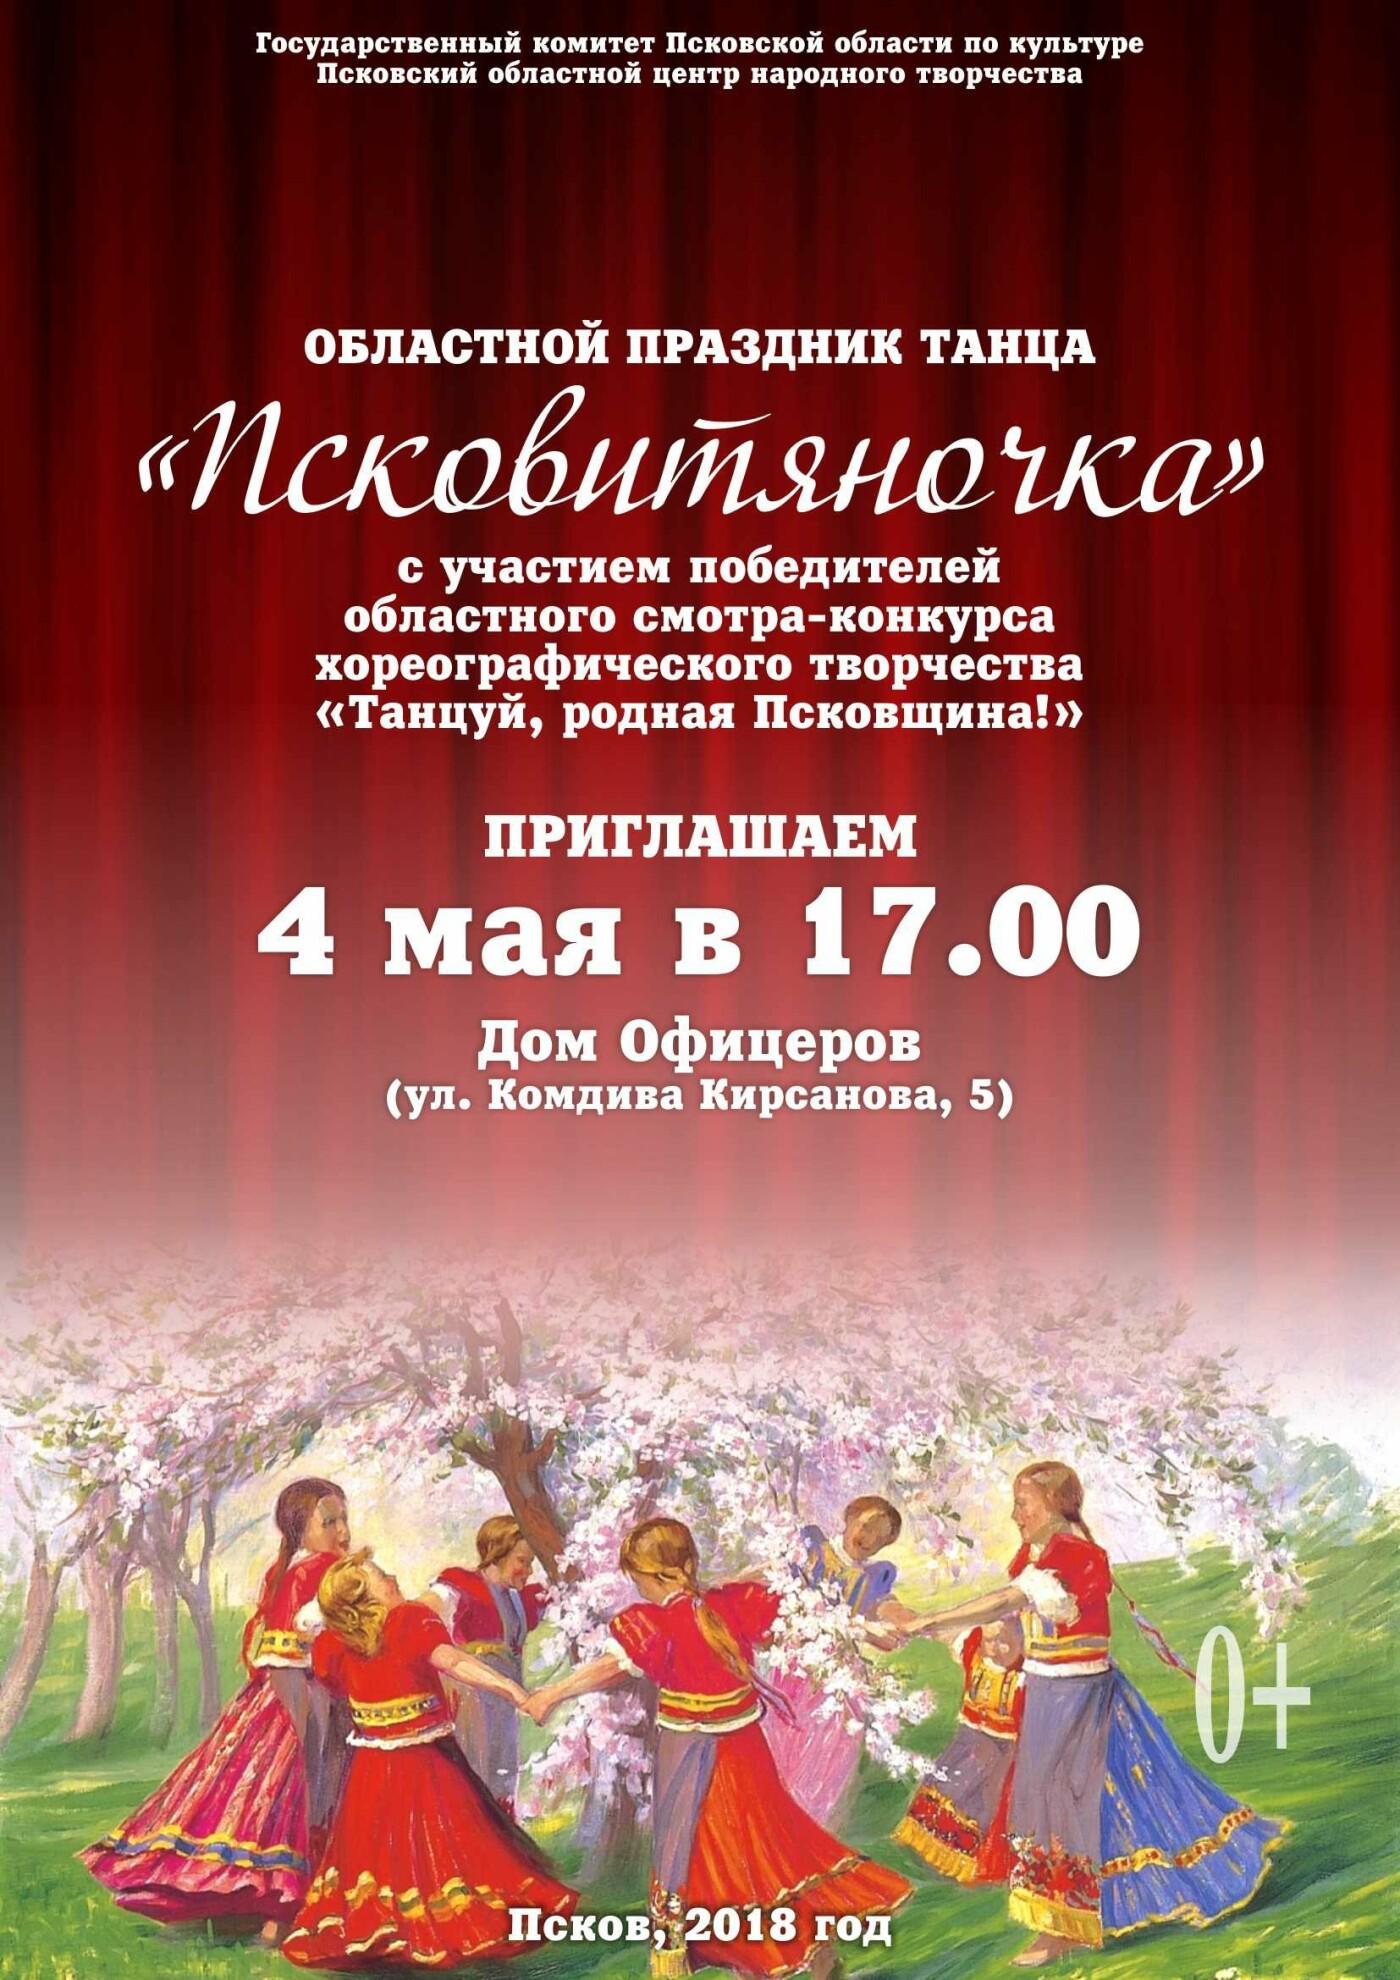 Праздник танца «Псковитяночка» пройдет в Пскове 4 мая, фото-1